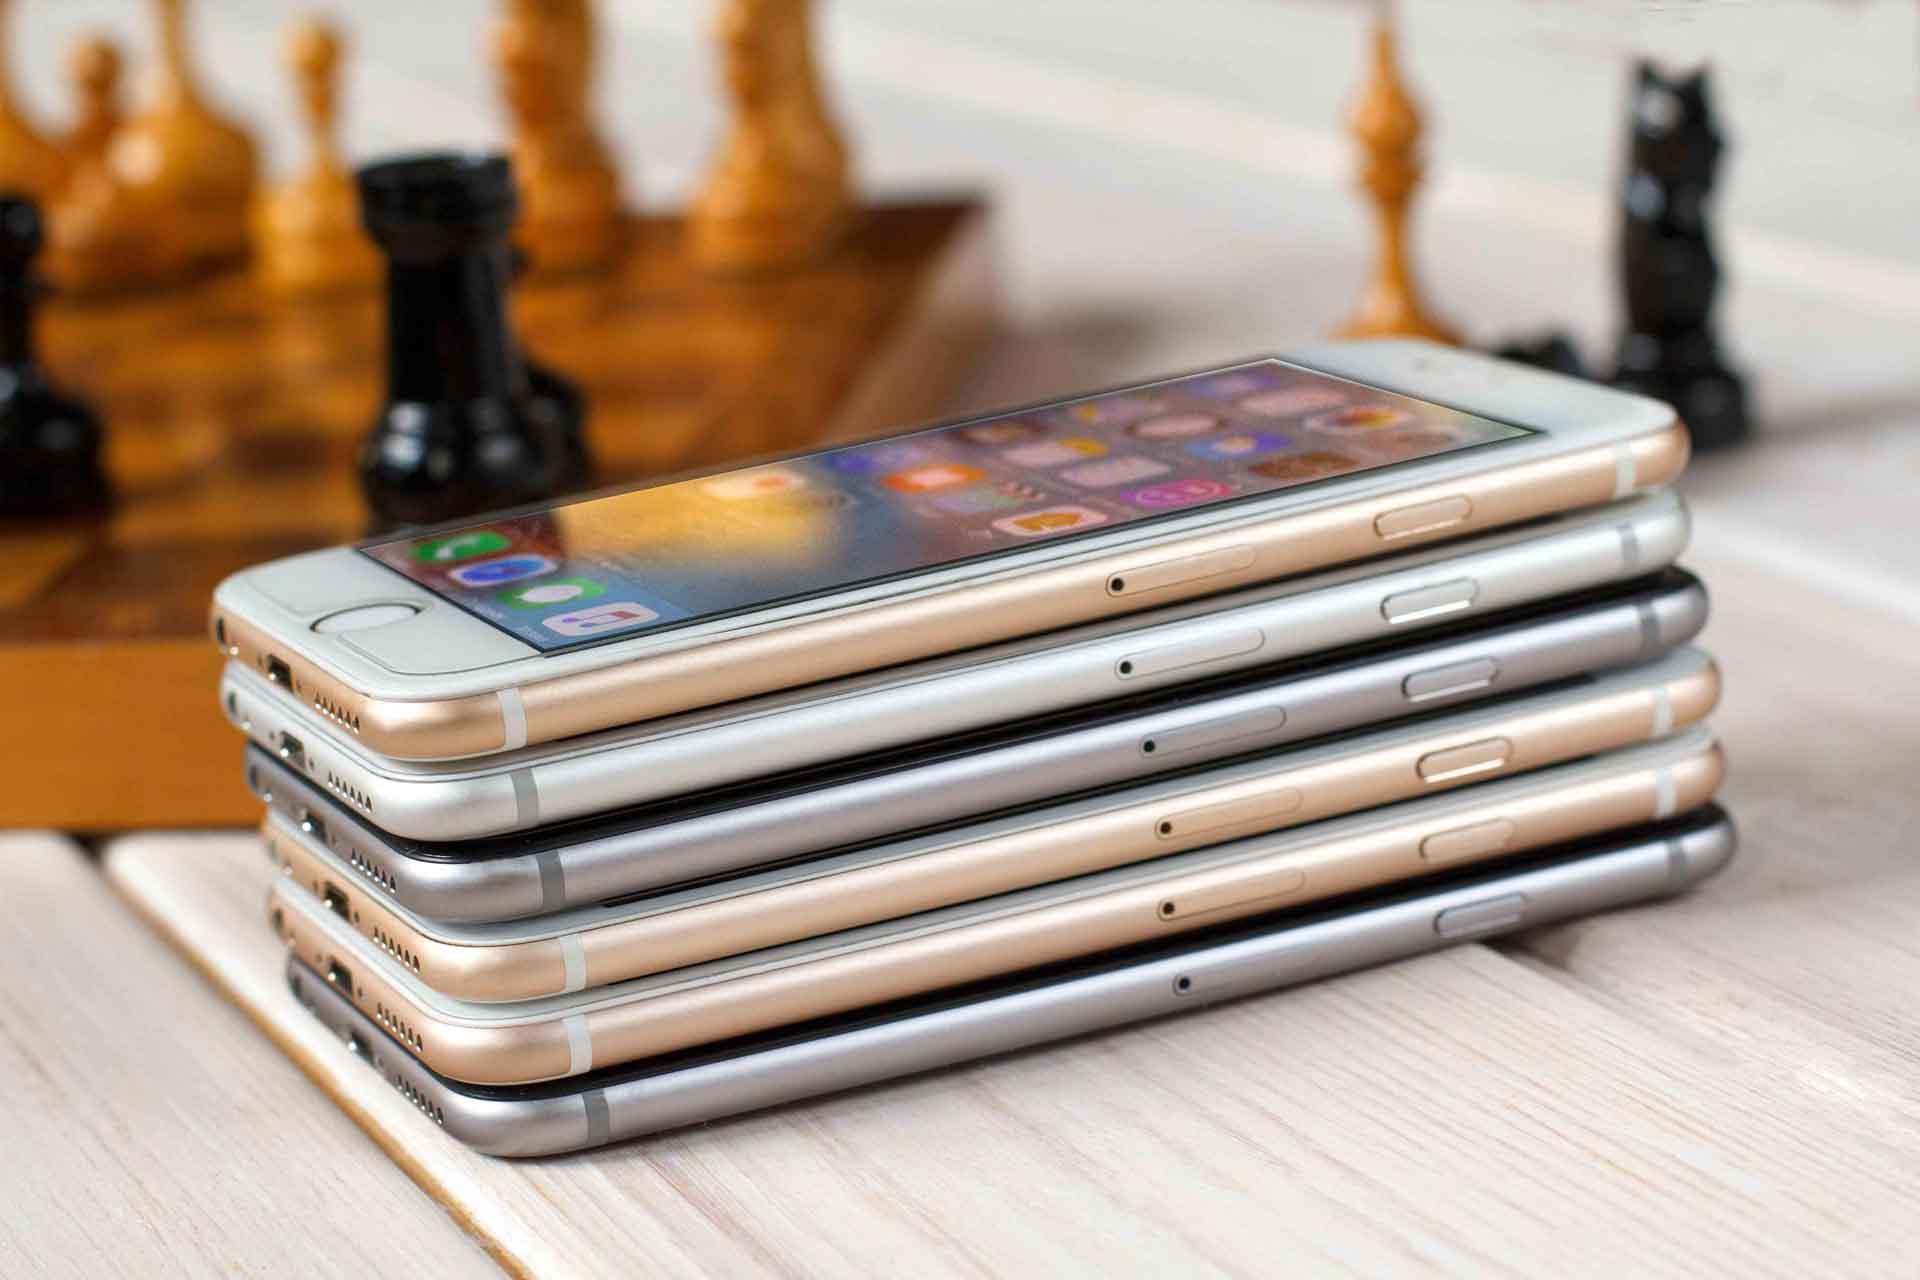 МТС начала сдавать смартфоны в аренду